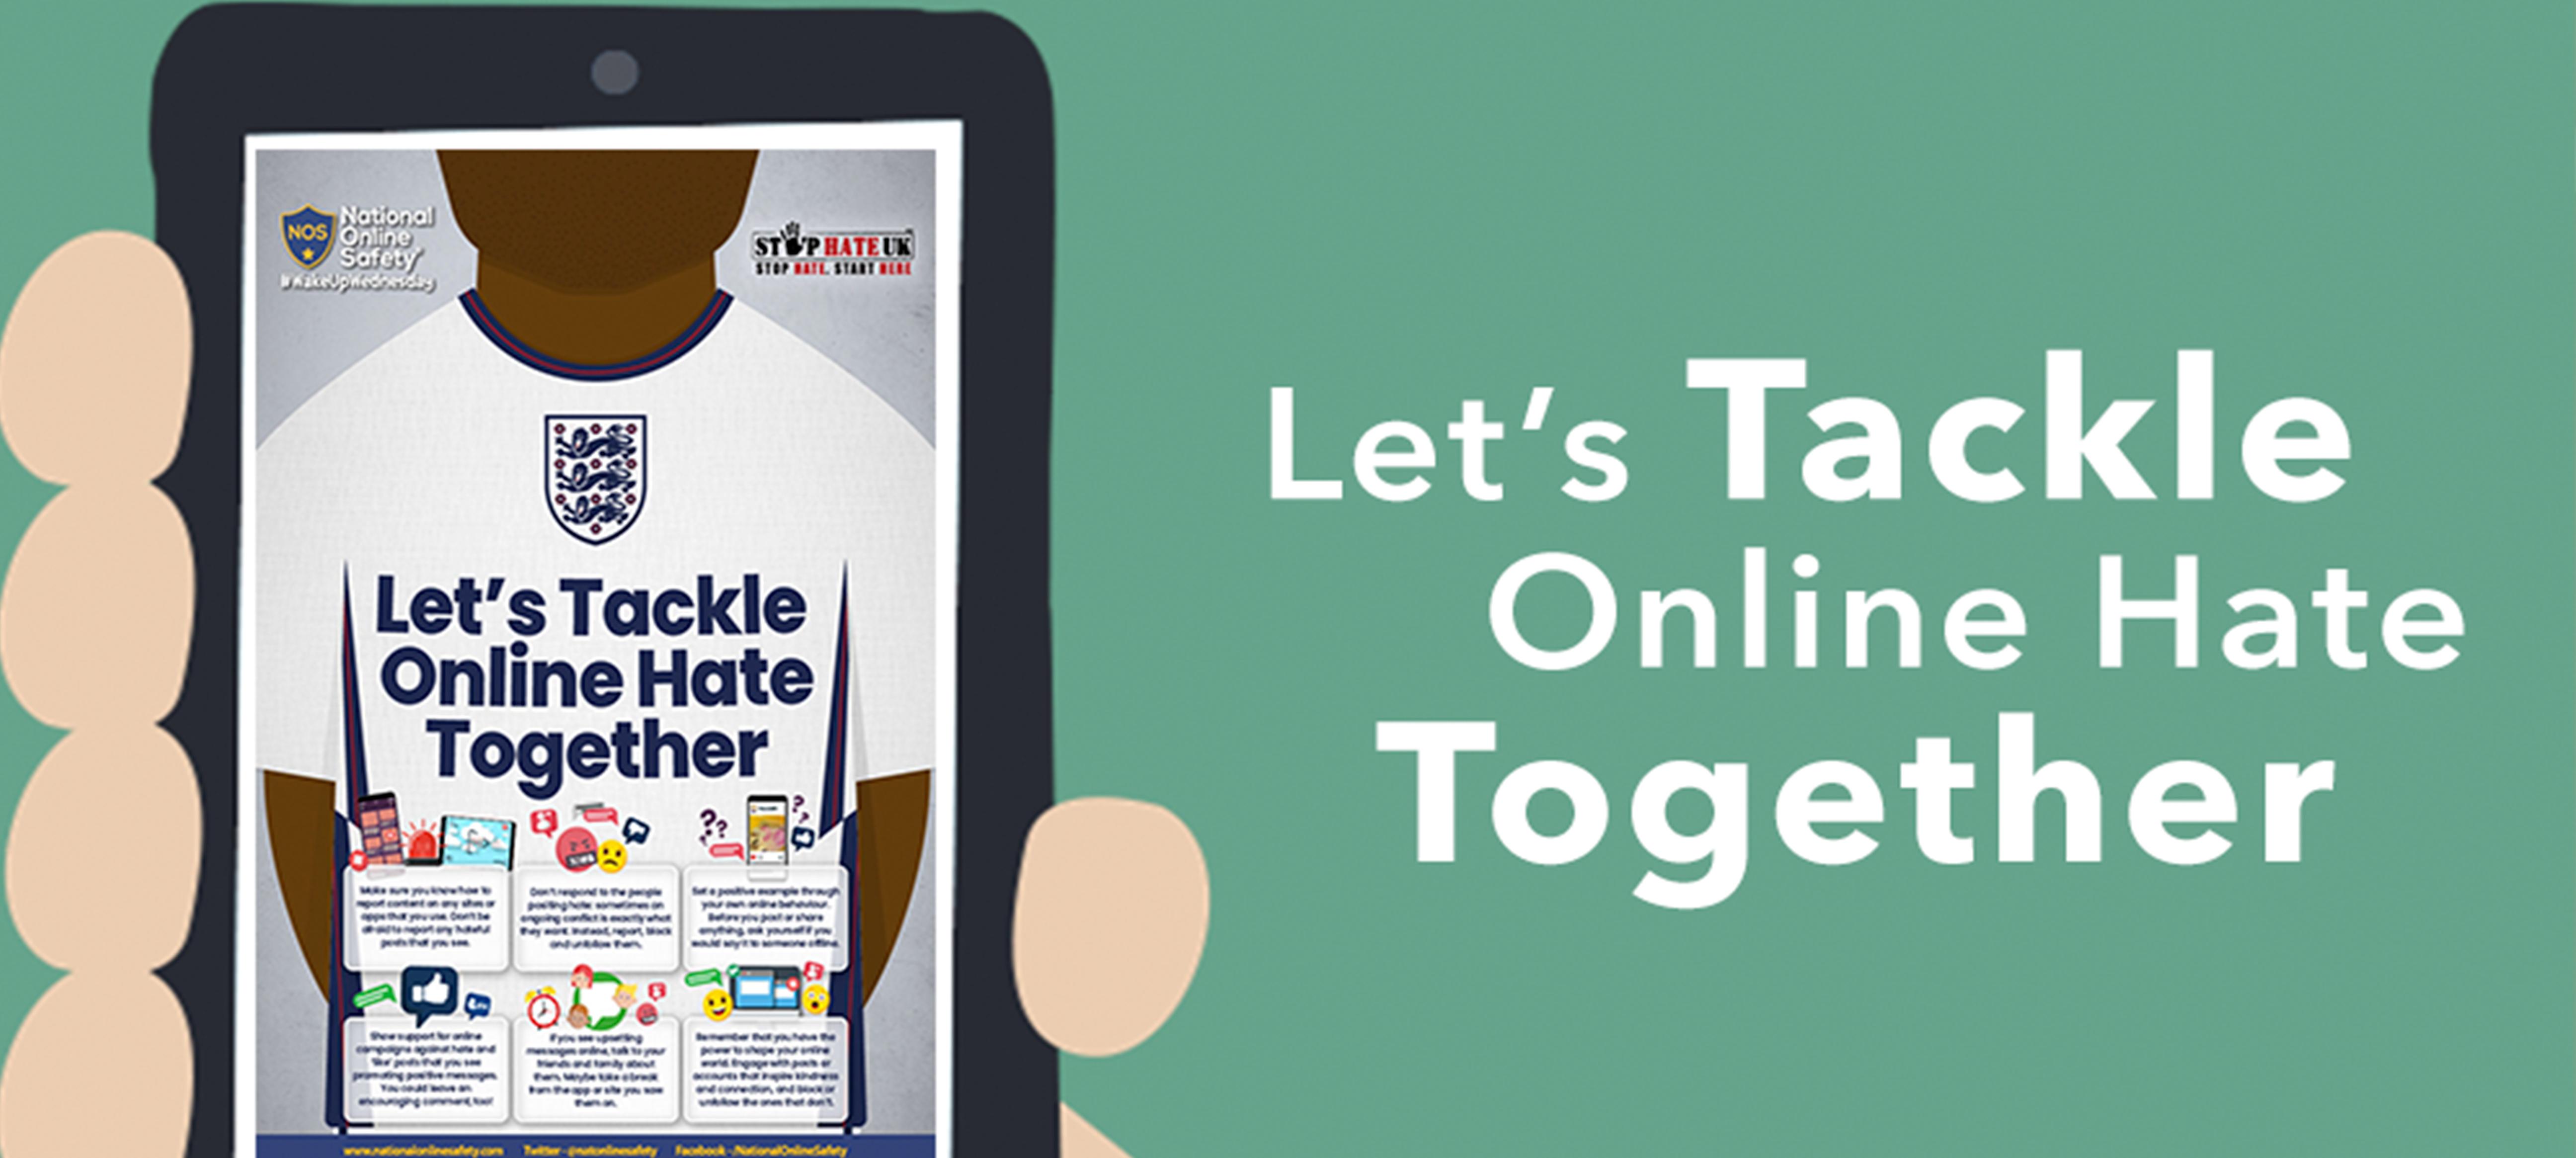 Let's Tackle Online Hate Together